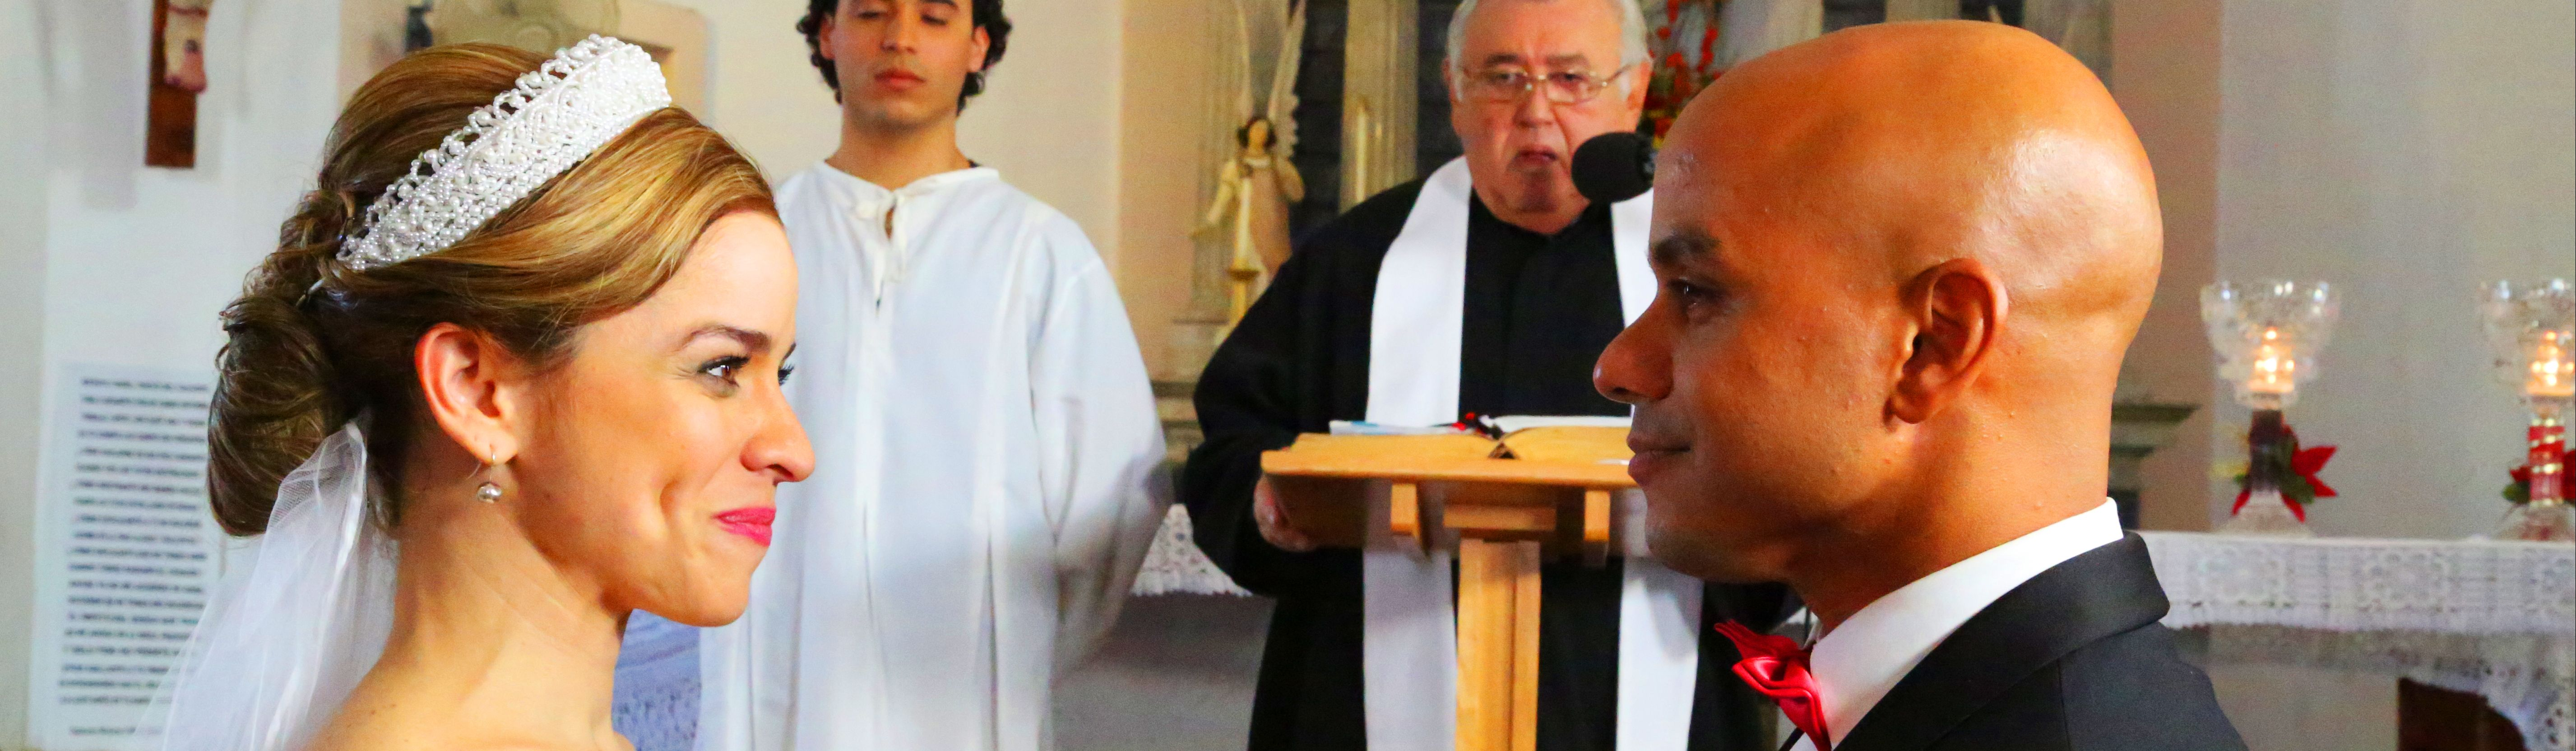 A WEDDING IN CASTAÑER / UNA BODA EN CASTAÑER